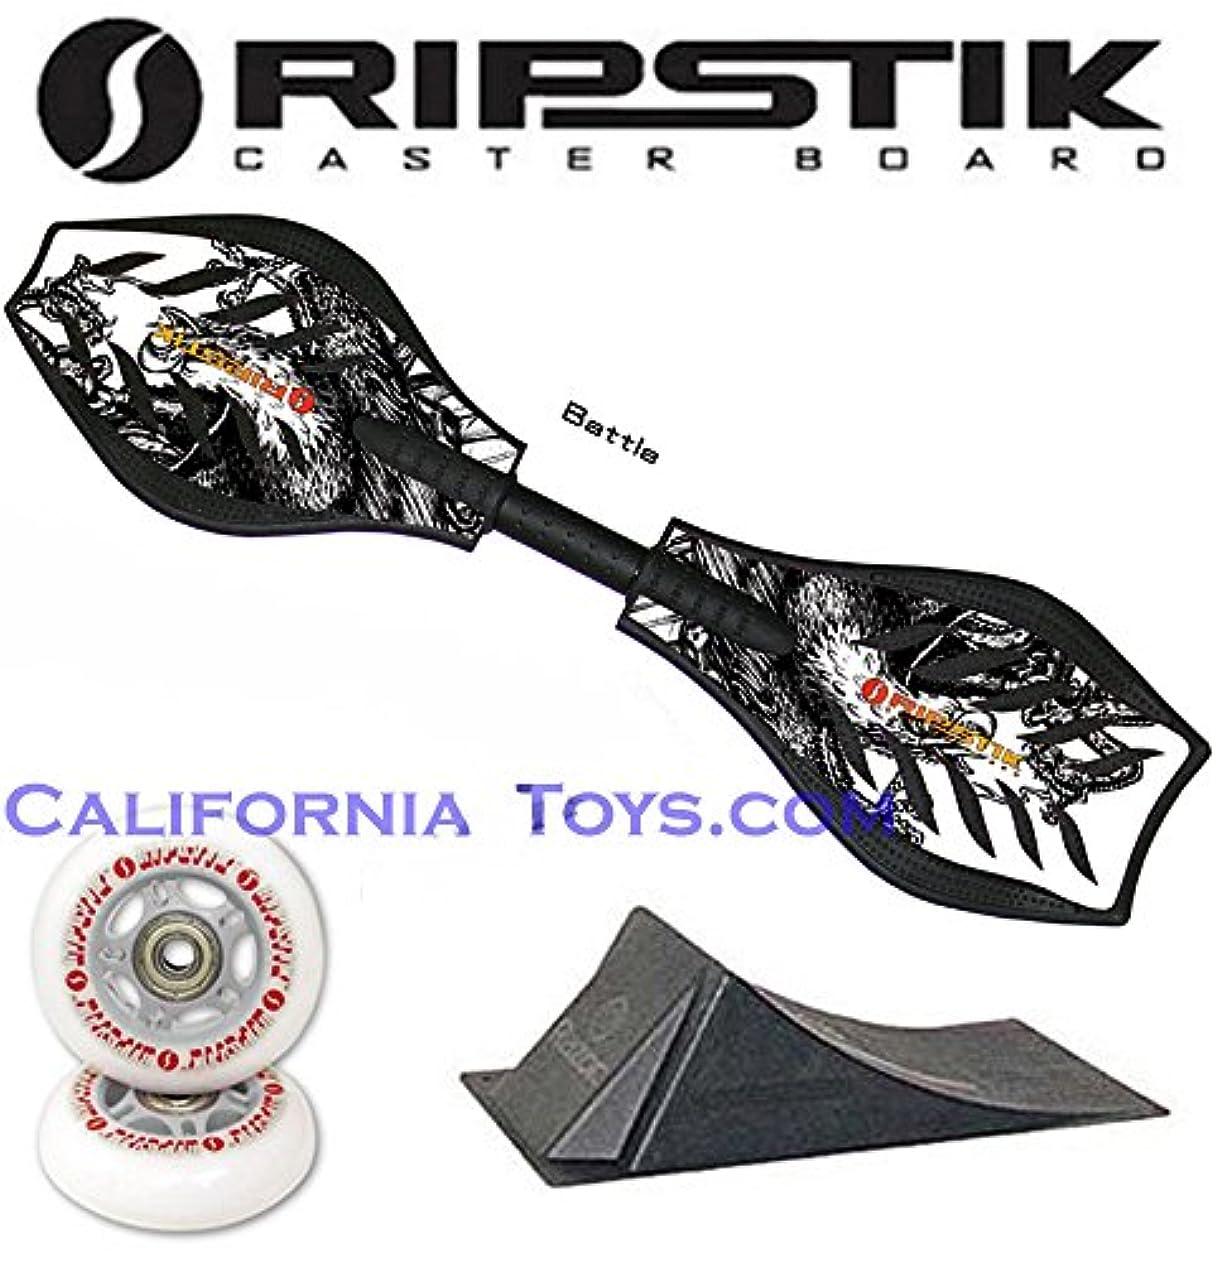 生態学ギャンブル銀河Razor Ripstik 限定版 バトルキャスターボード スケートボード パンクスロープとグレーホイールの追加セット